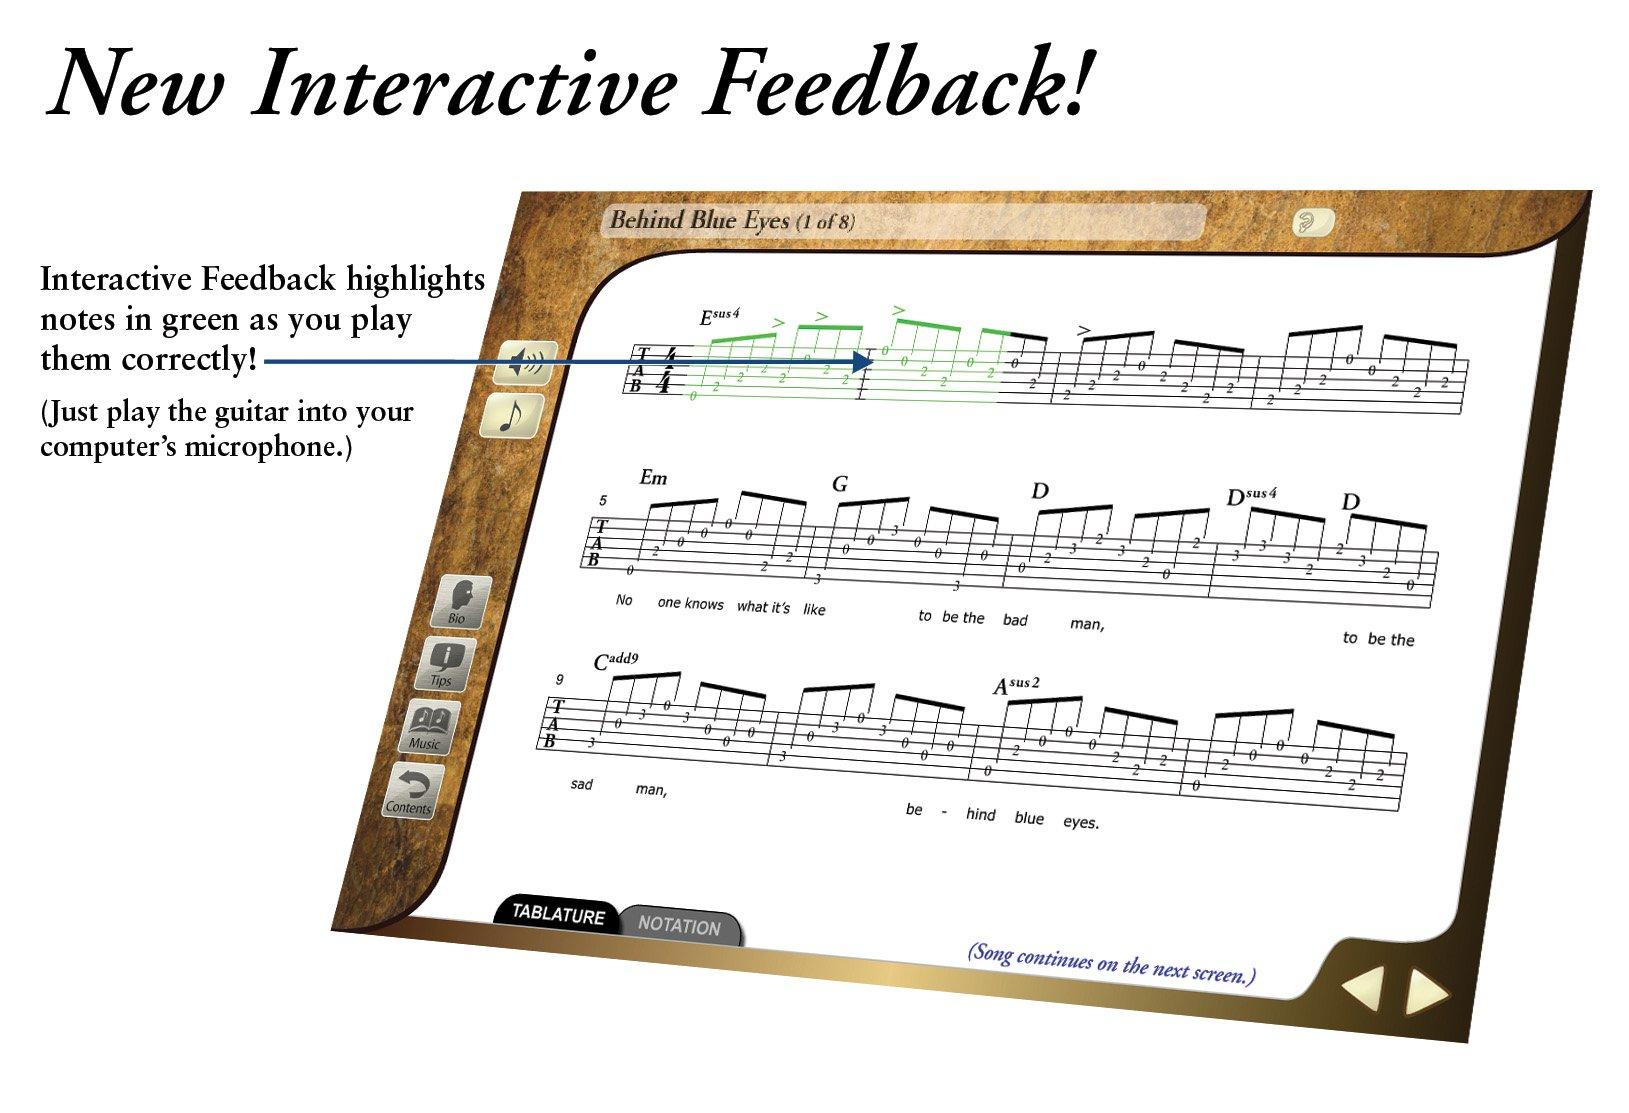 Emedia rock guitar for dummies software for mac, electronic.